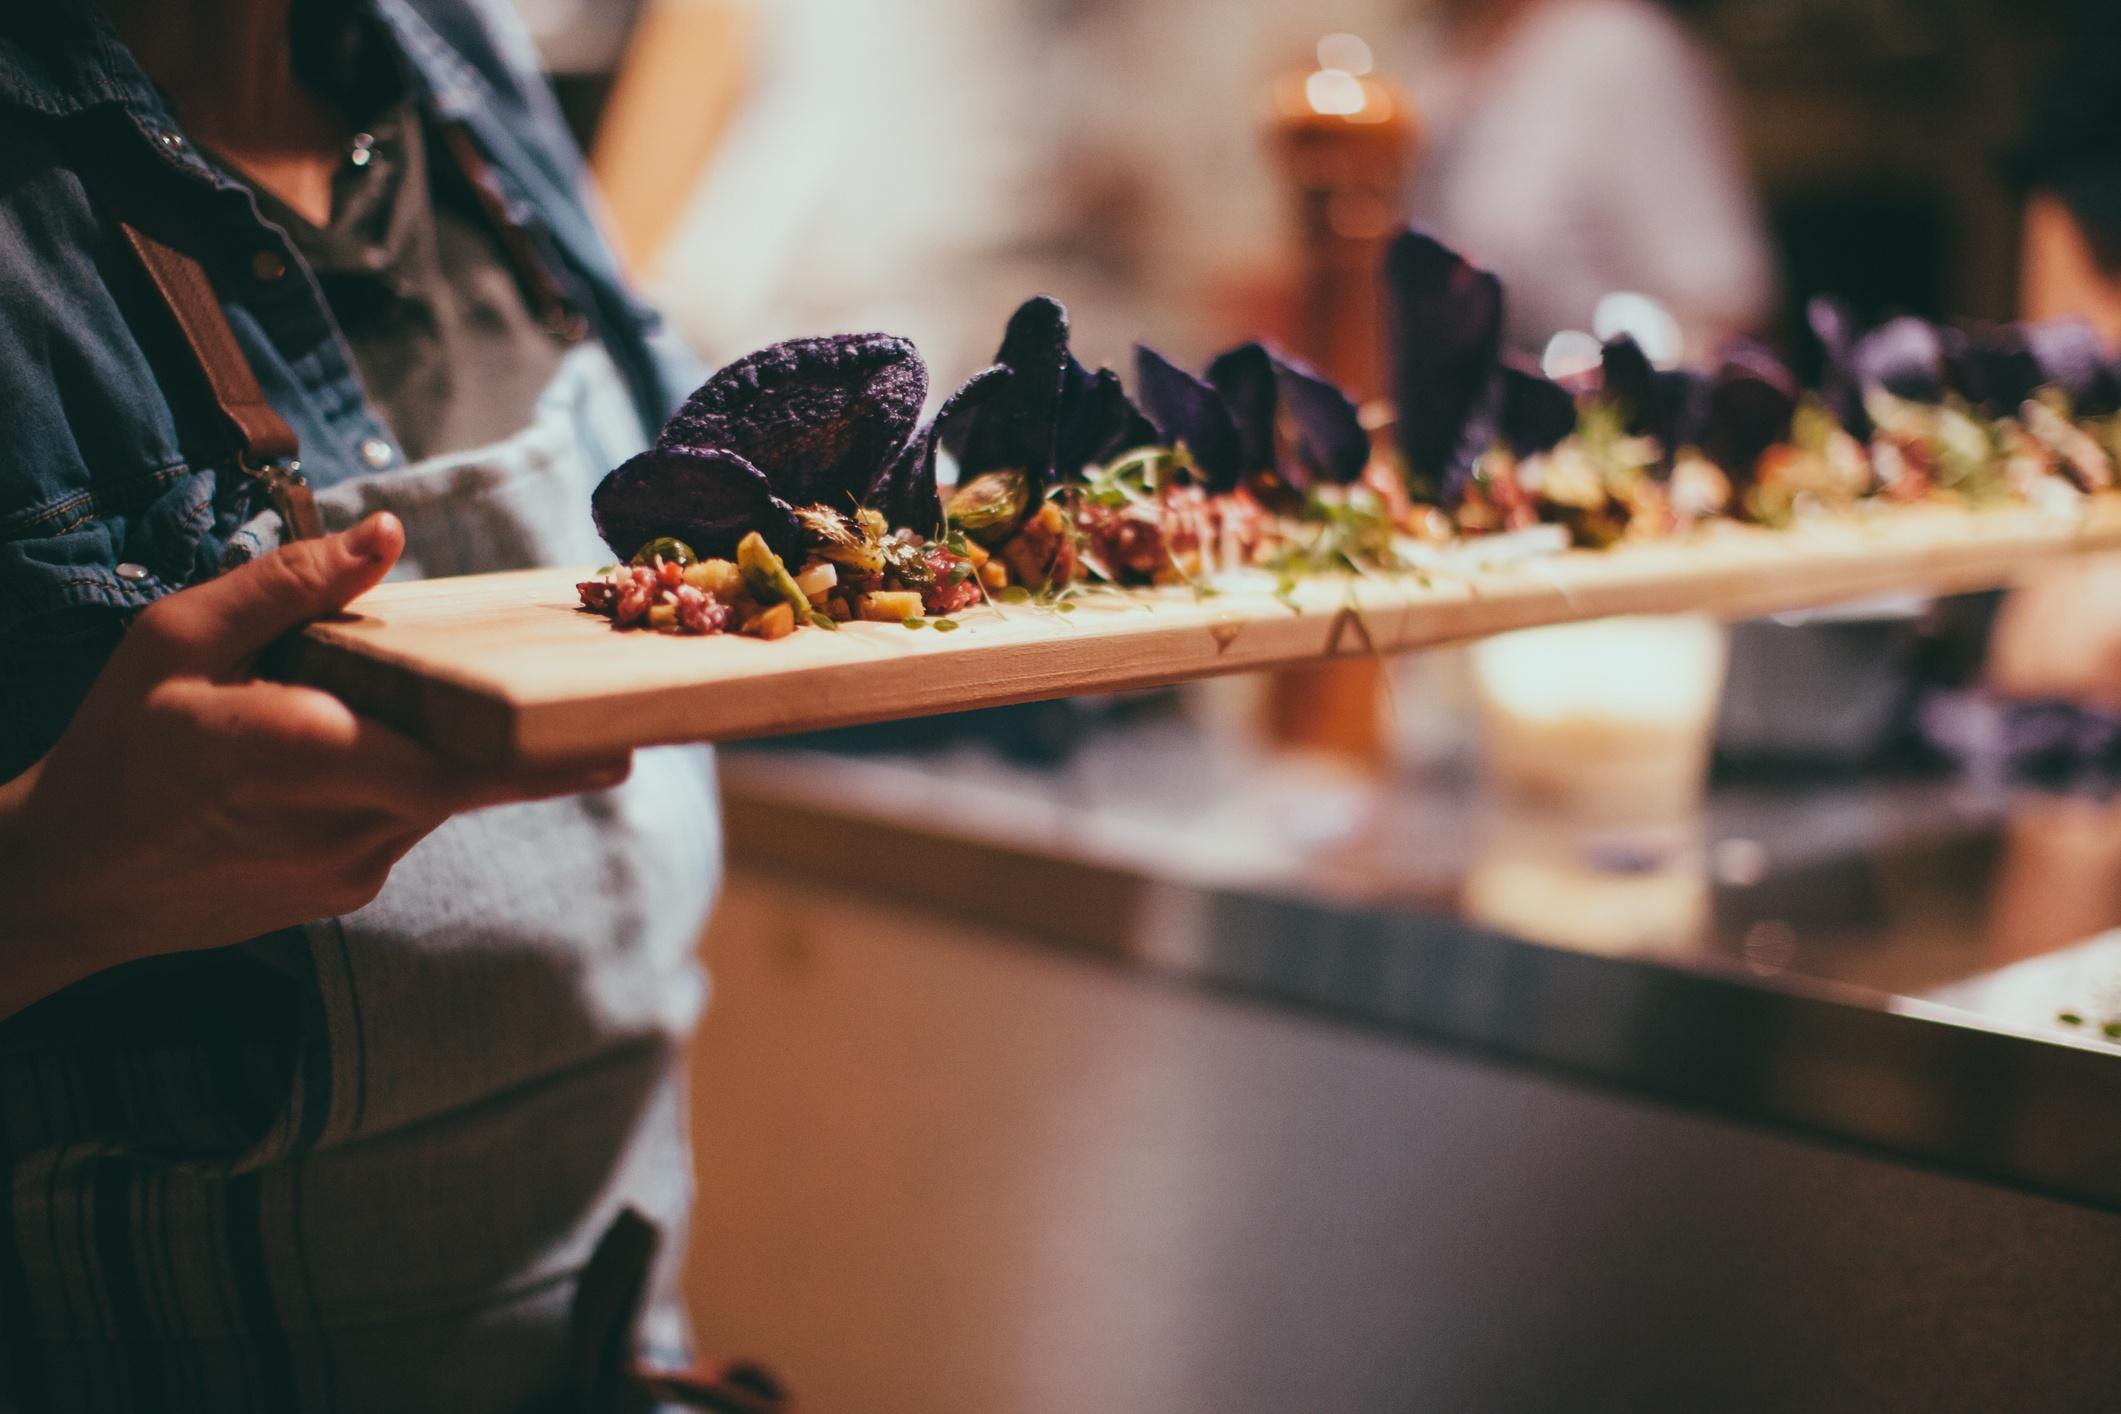 Ein Holztablett mit angerichtetem Essen wird von einem Menschen ans Buffet getragen